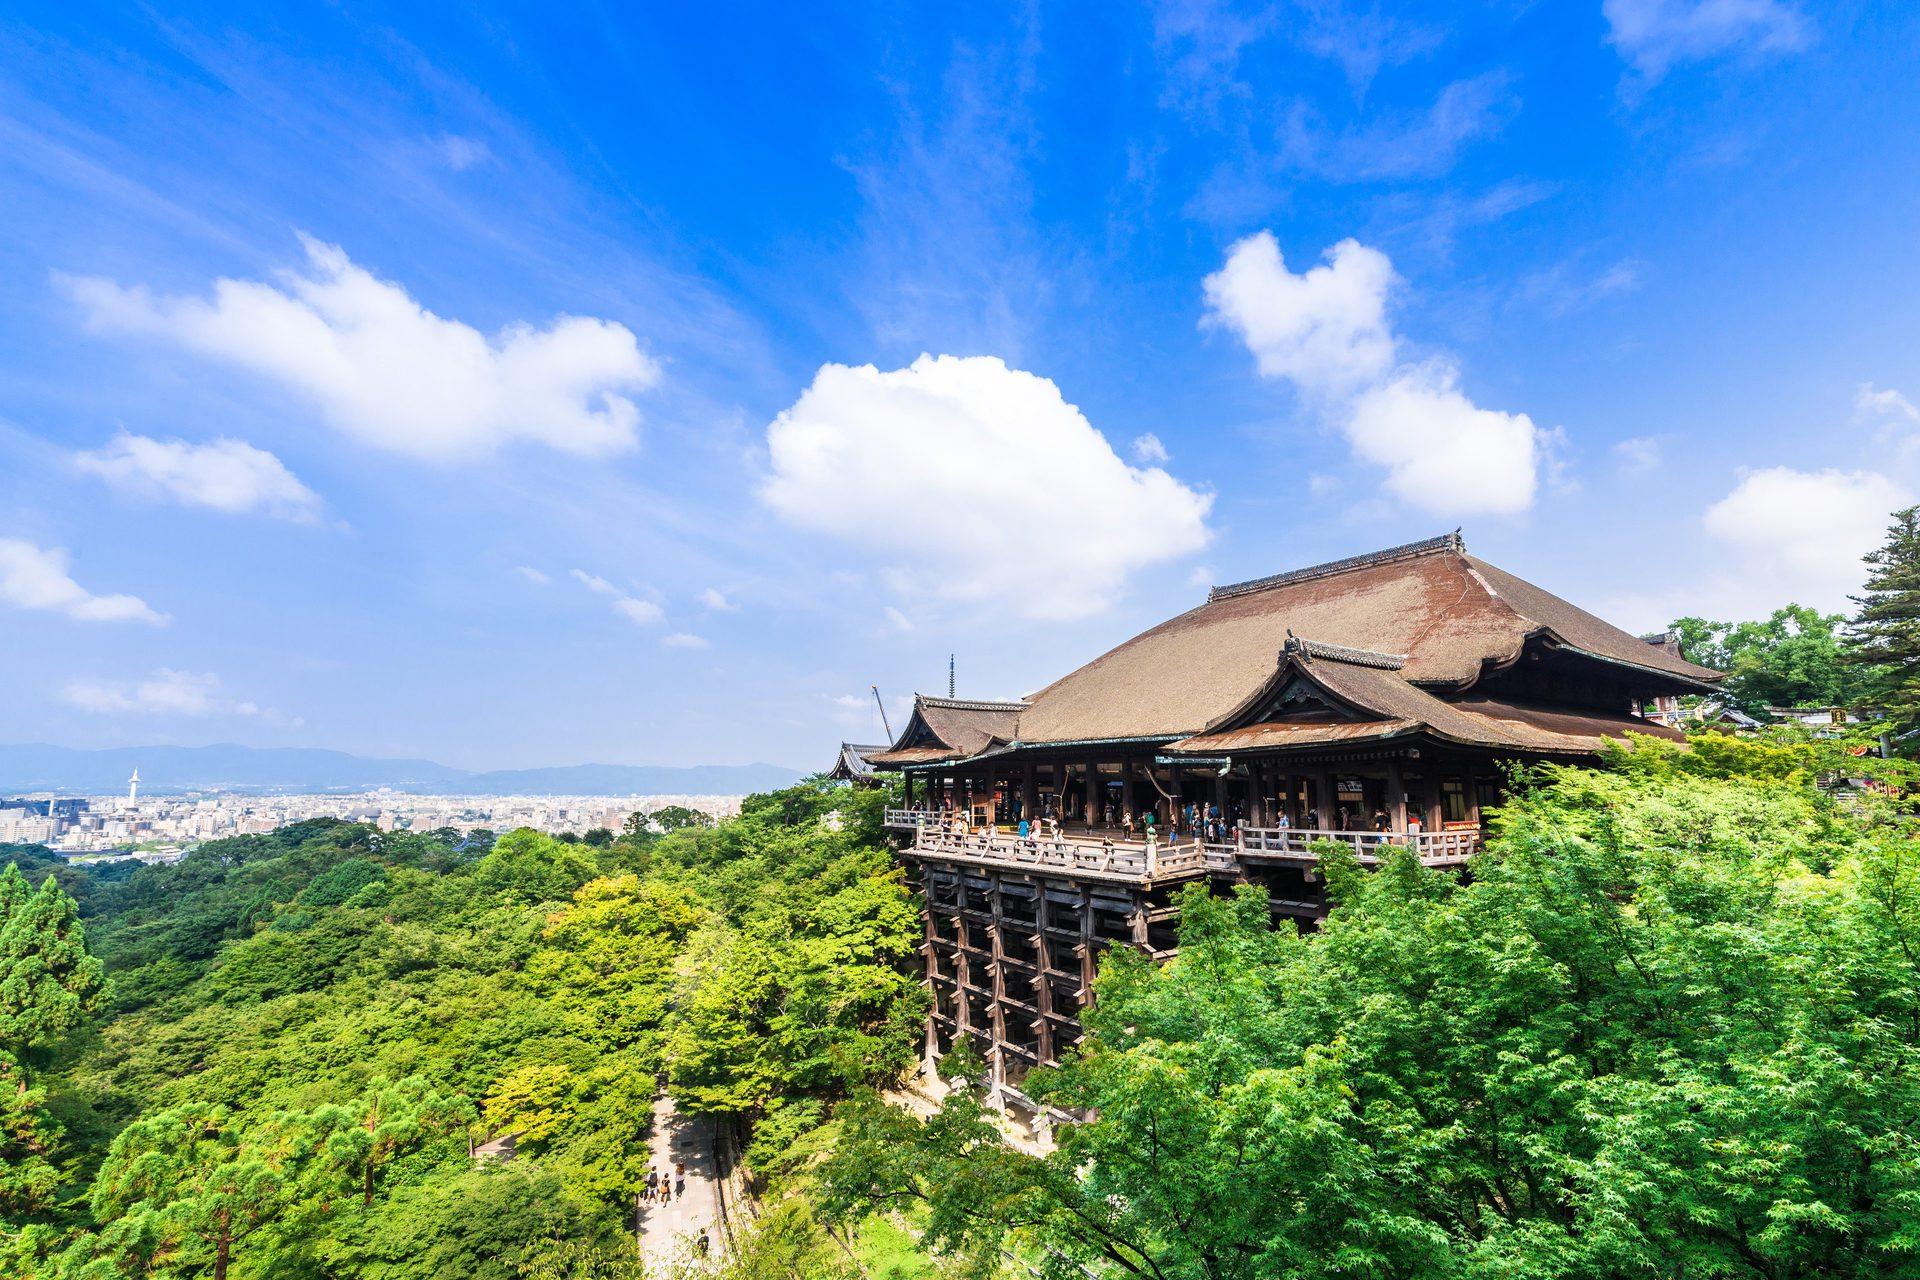 京都世界遺産清水寺